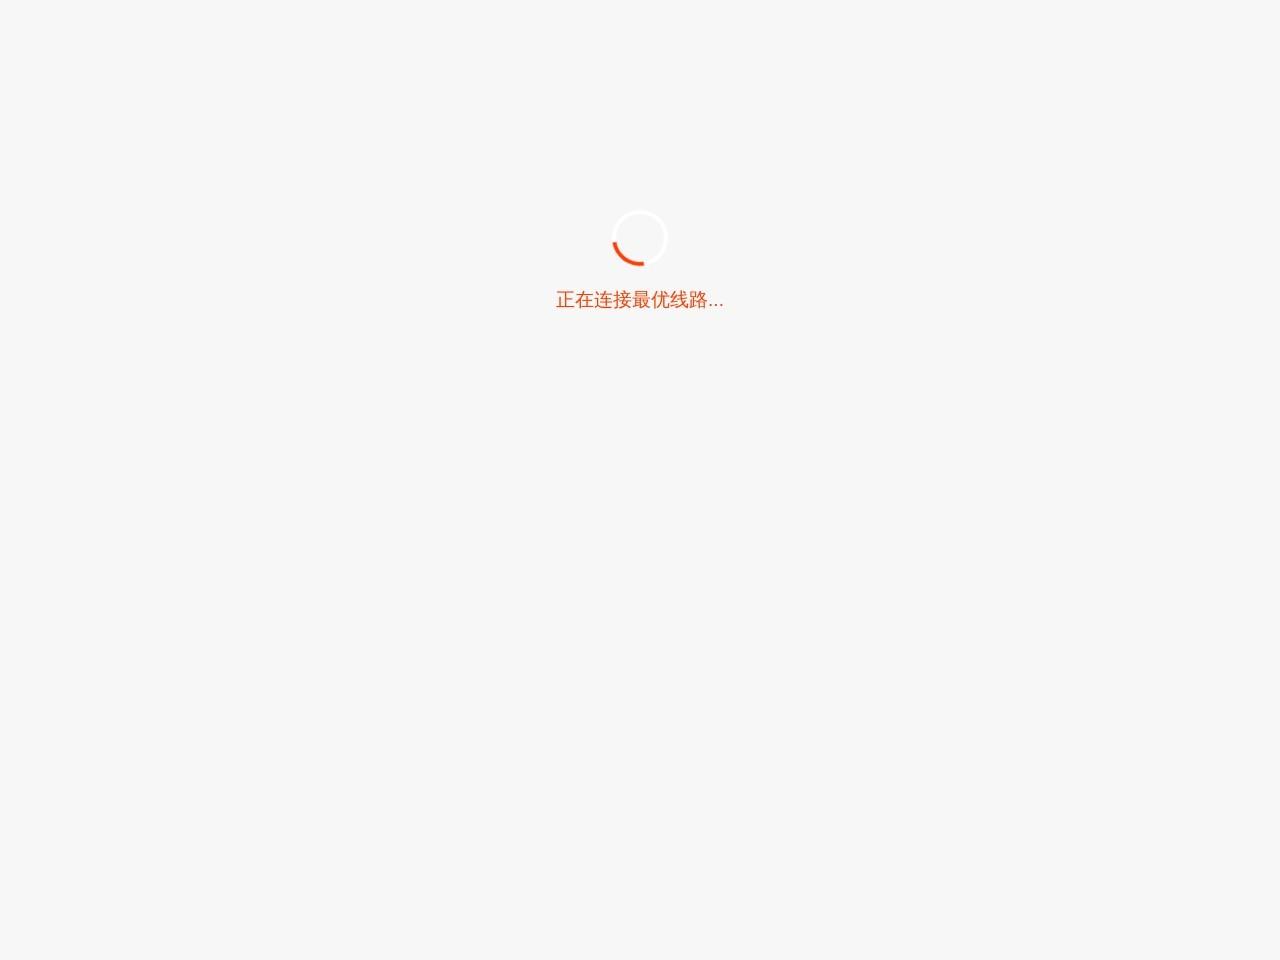 南昌天气预报网